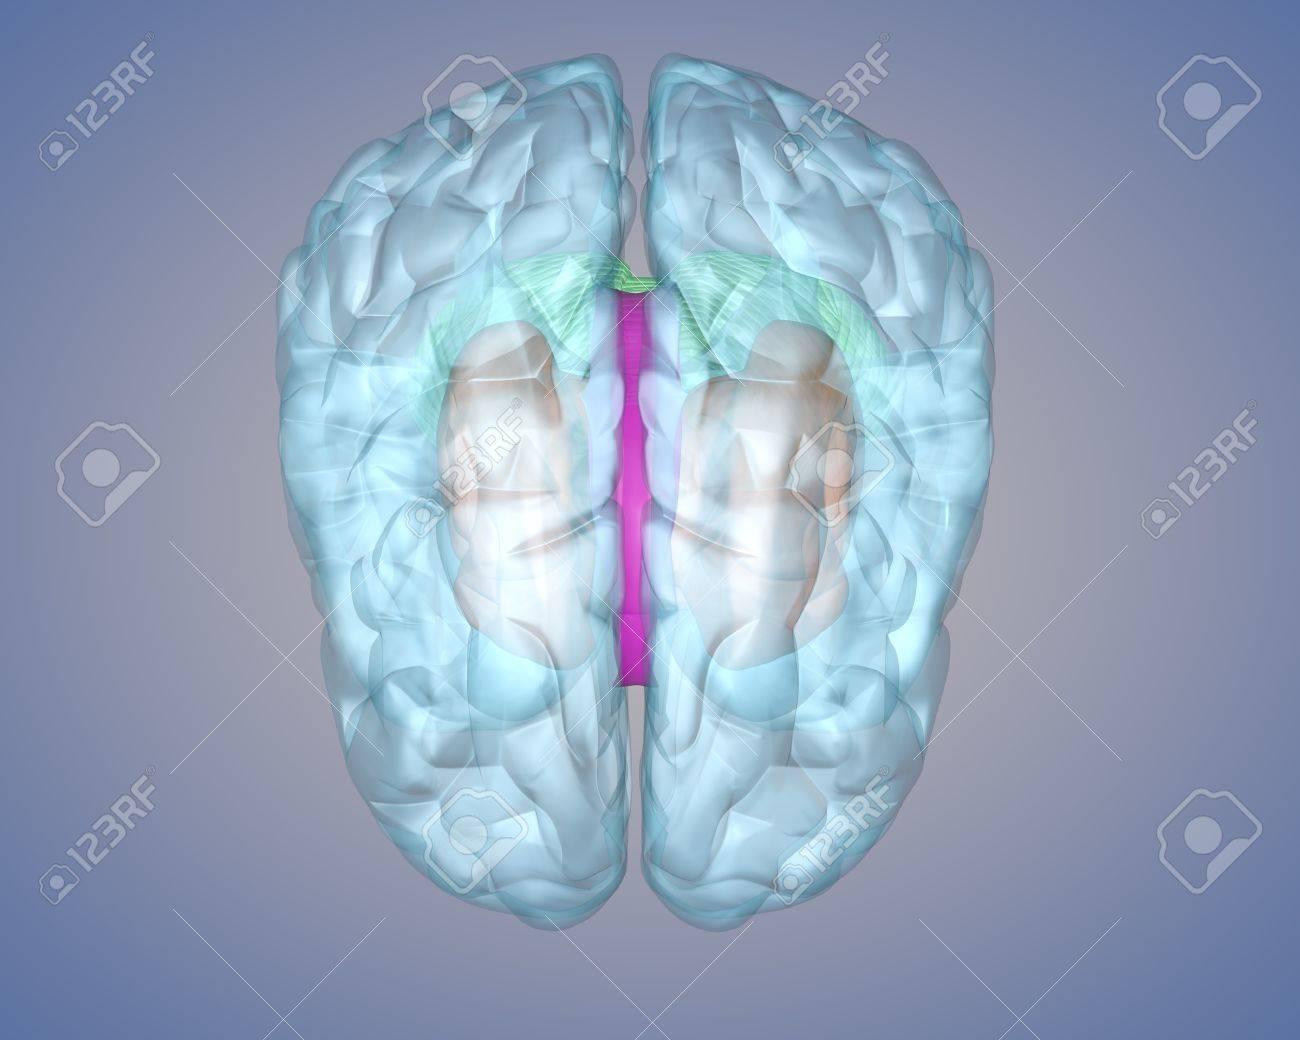 Representación Gráfica Del Cerebro Humano Para Visualizar La Estructura Interna